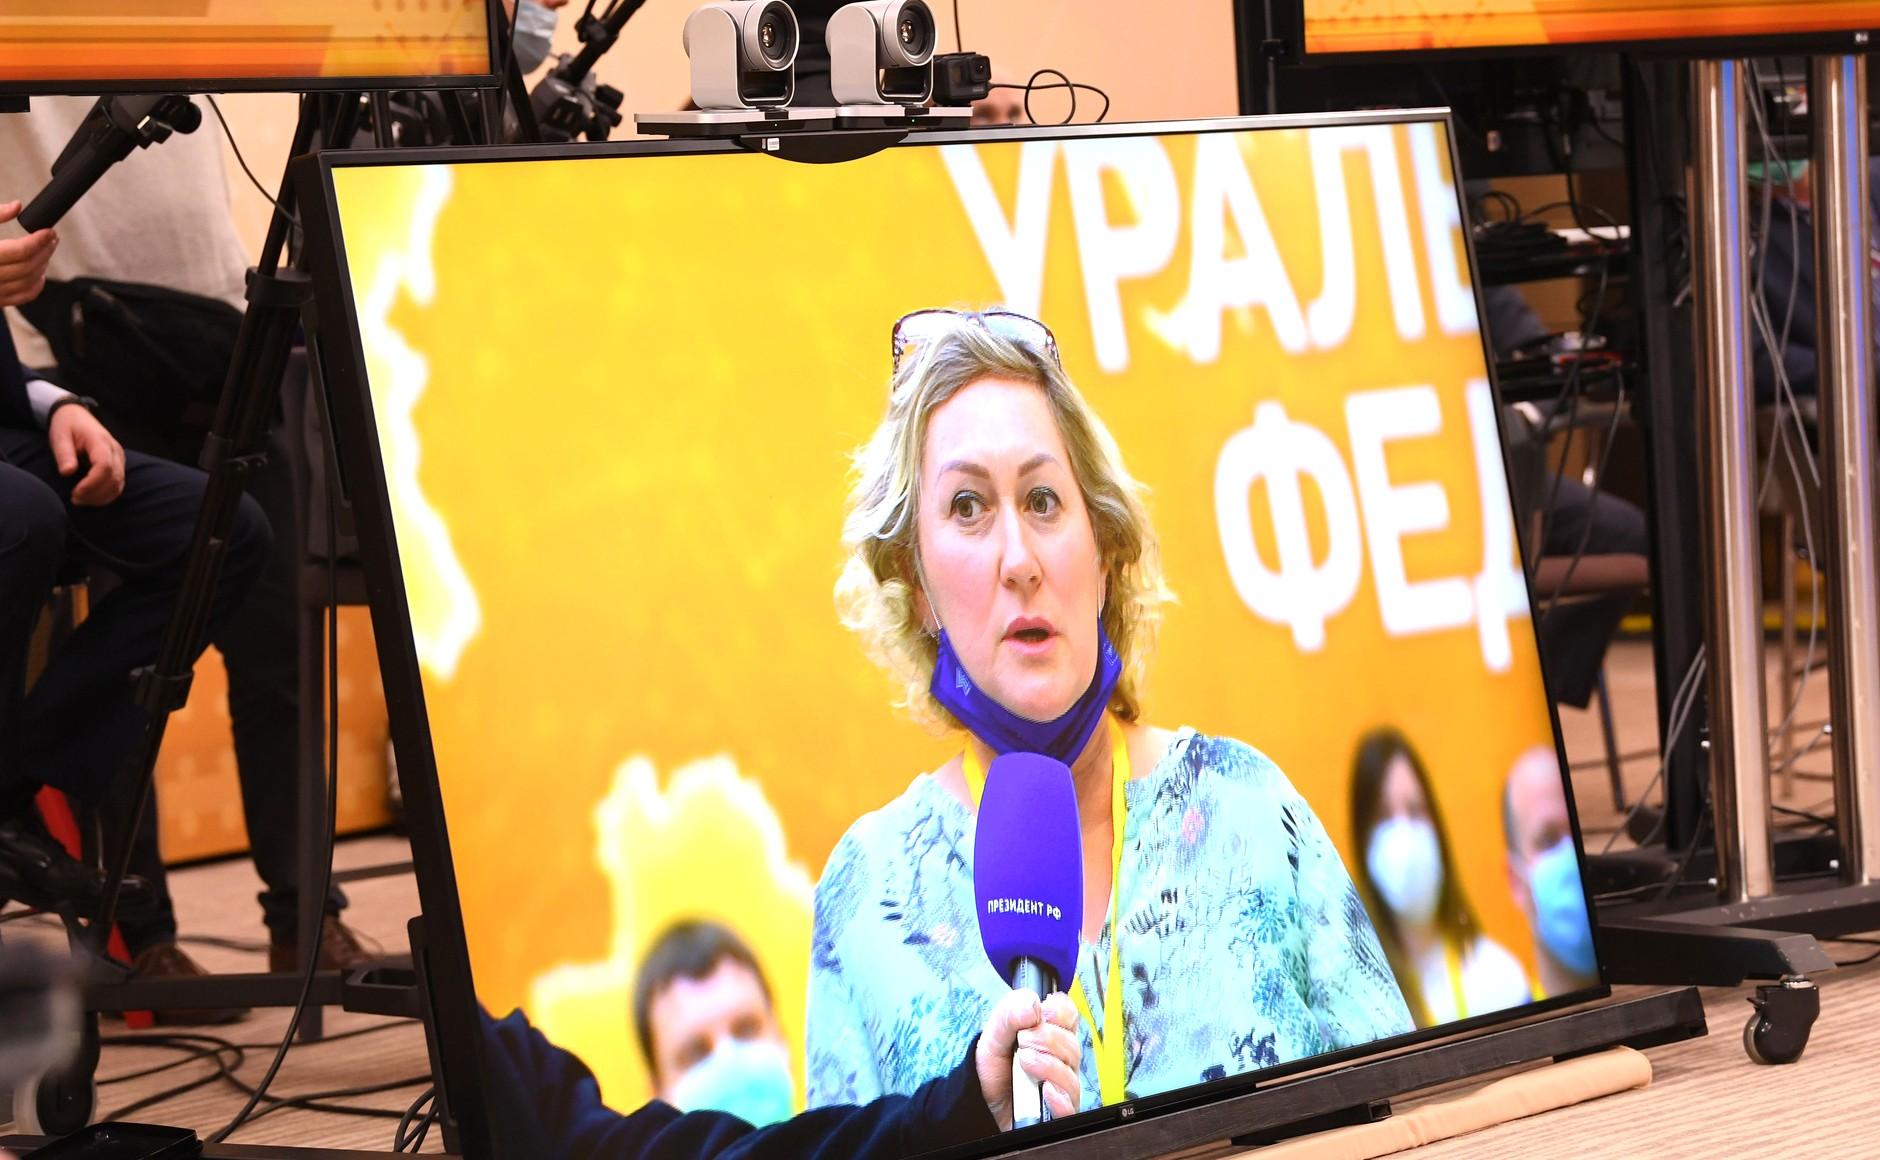 RUSSIE 17.12.2020.CONFERENCE 33 XX 66 Avant le début de la conférence de presse annuelle de Vladimir Poutine.